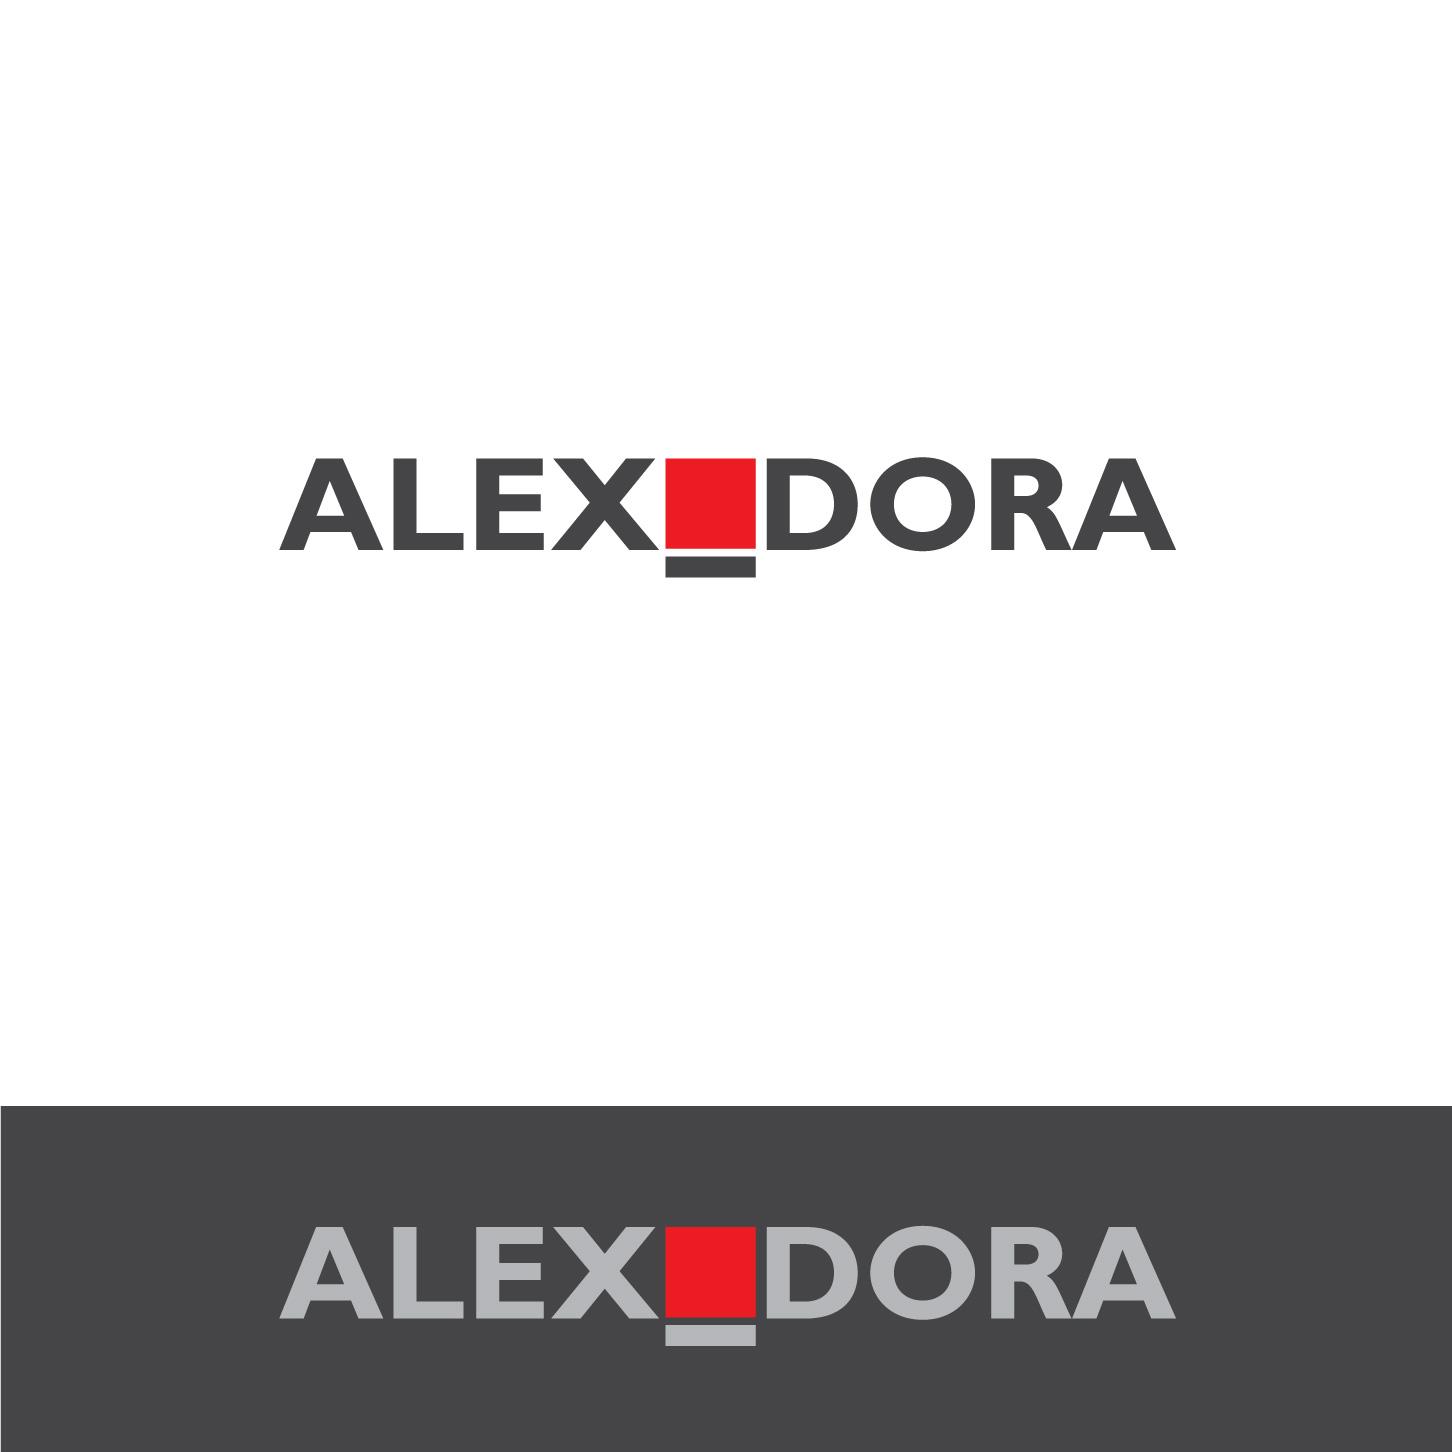 Необходим дизайнер для доработки логотипа бренда одежды фото f_0835b3905af85623.jpg